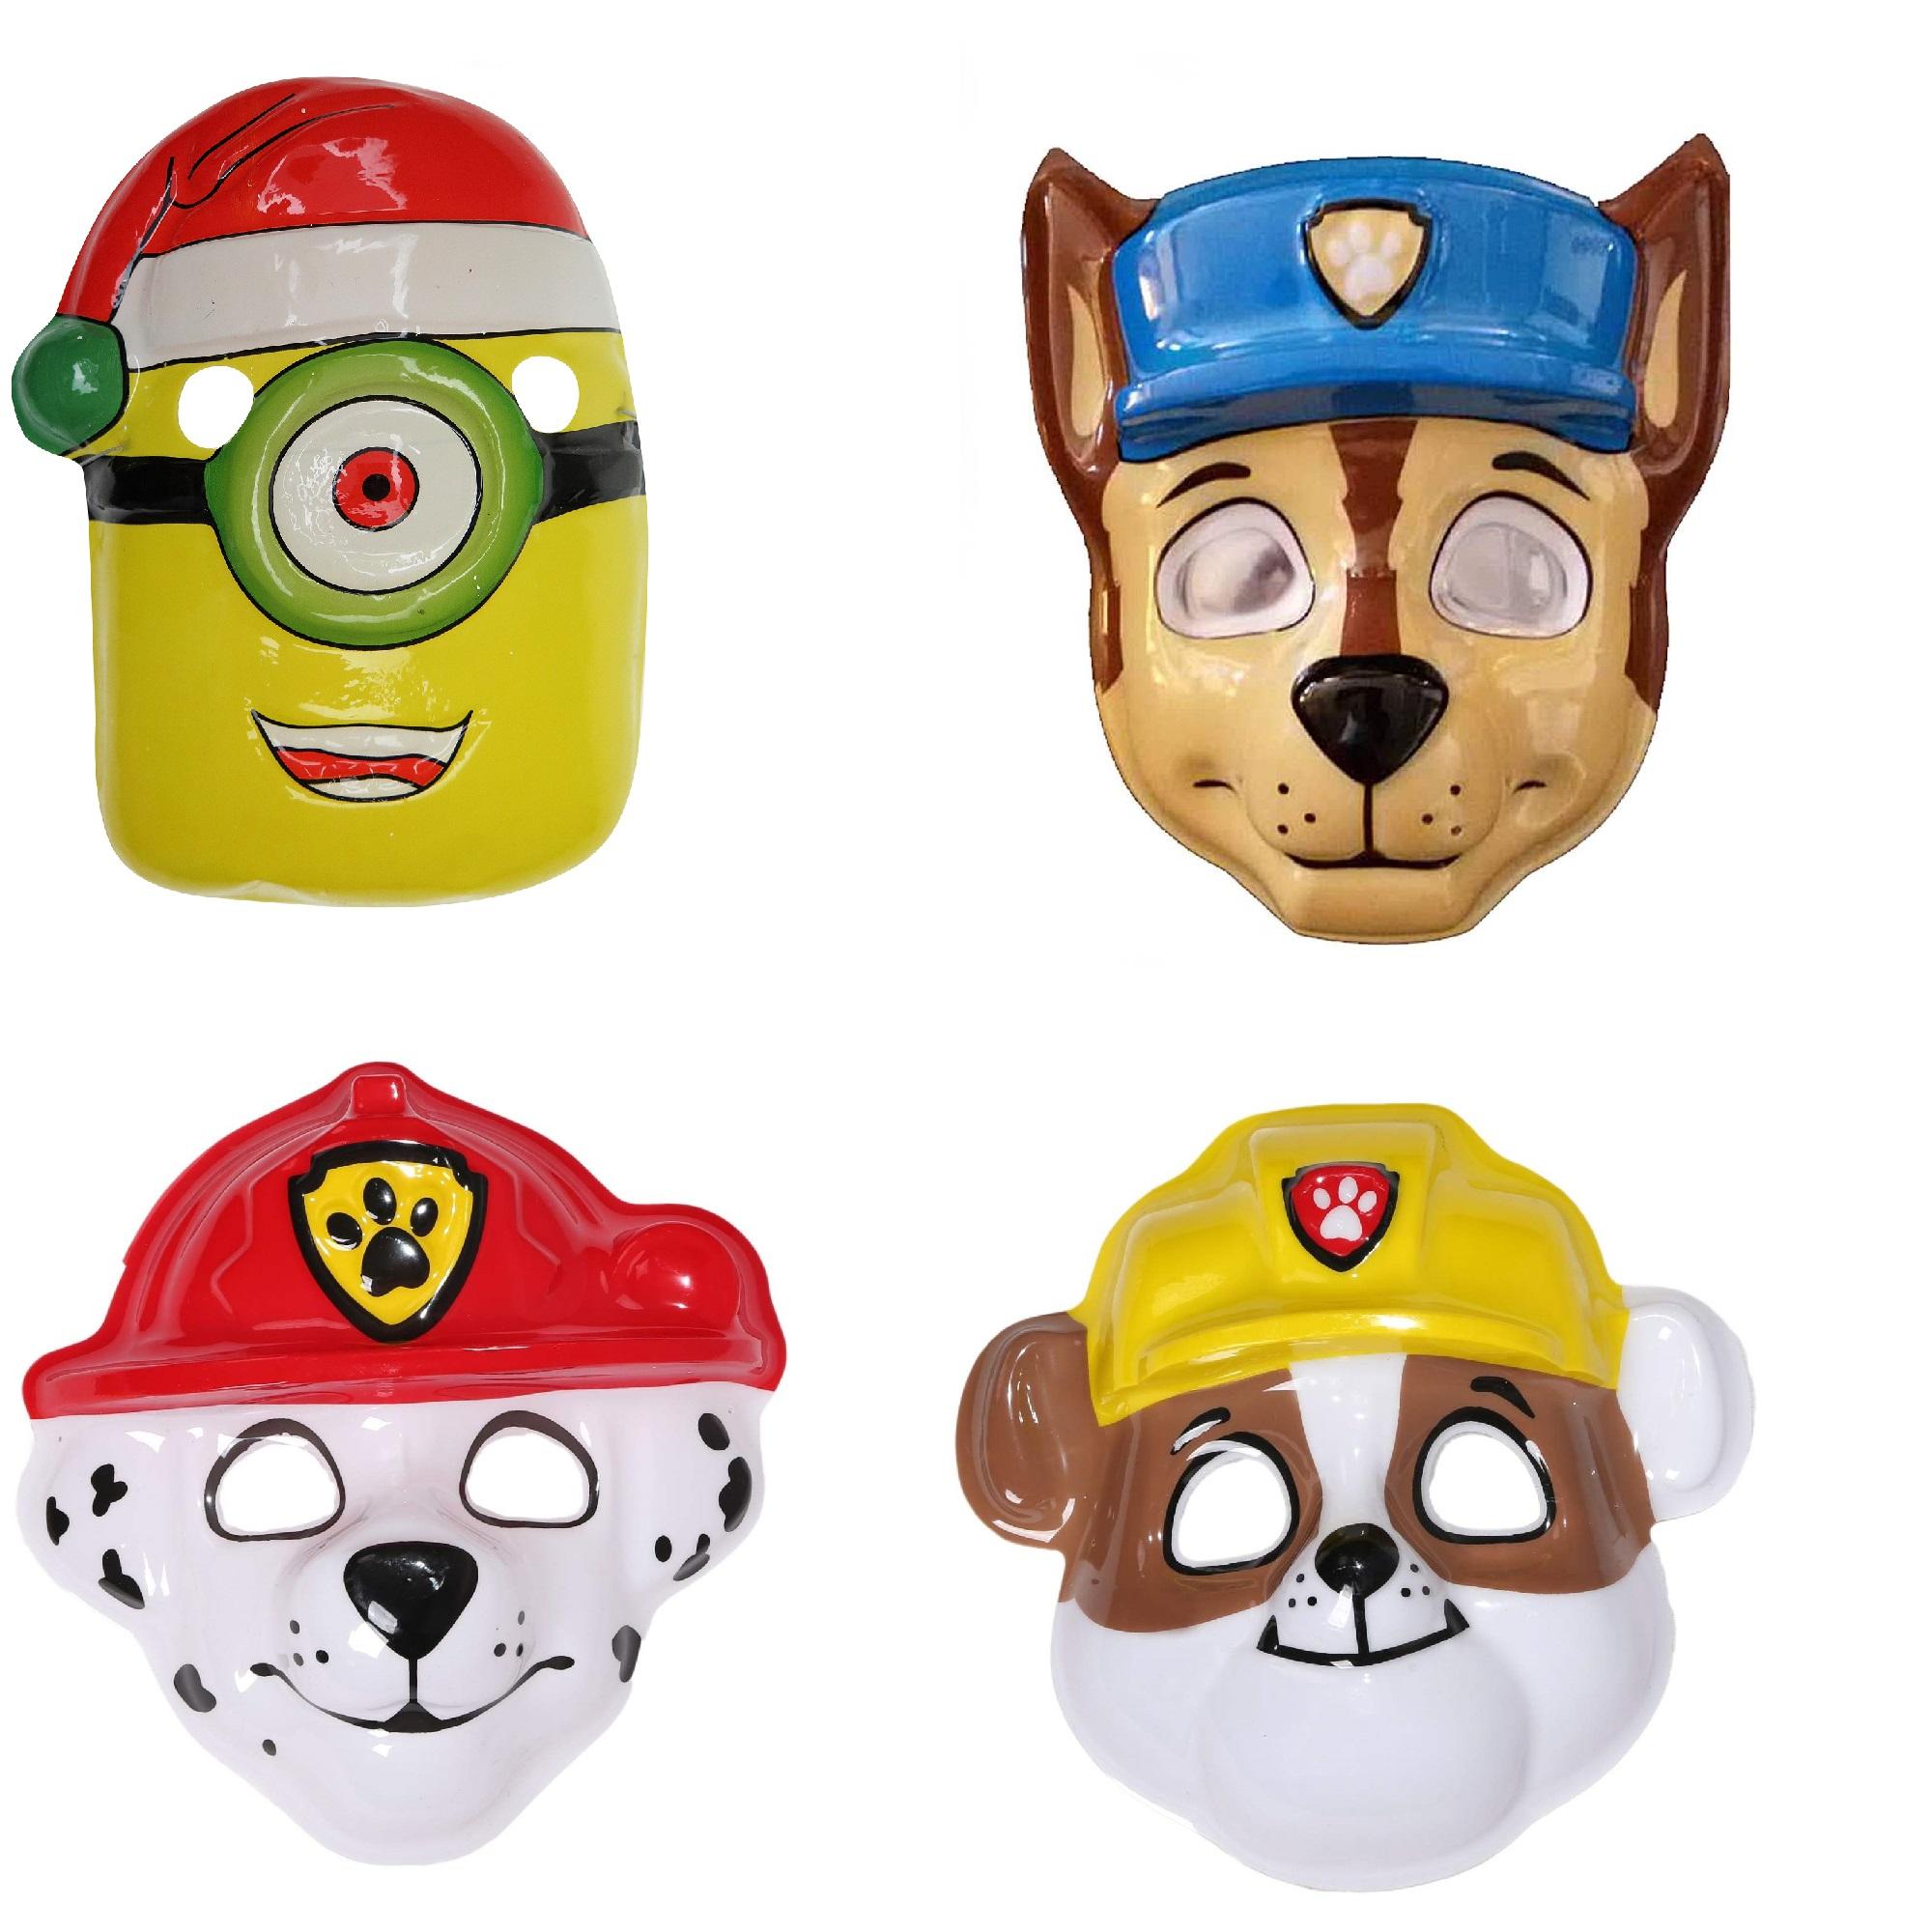 ابزار ایفای نقش مدل سگ های نگهبان و مینیون مجموعه 4 عددی